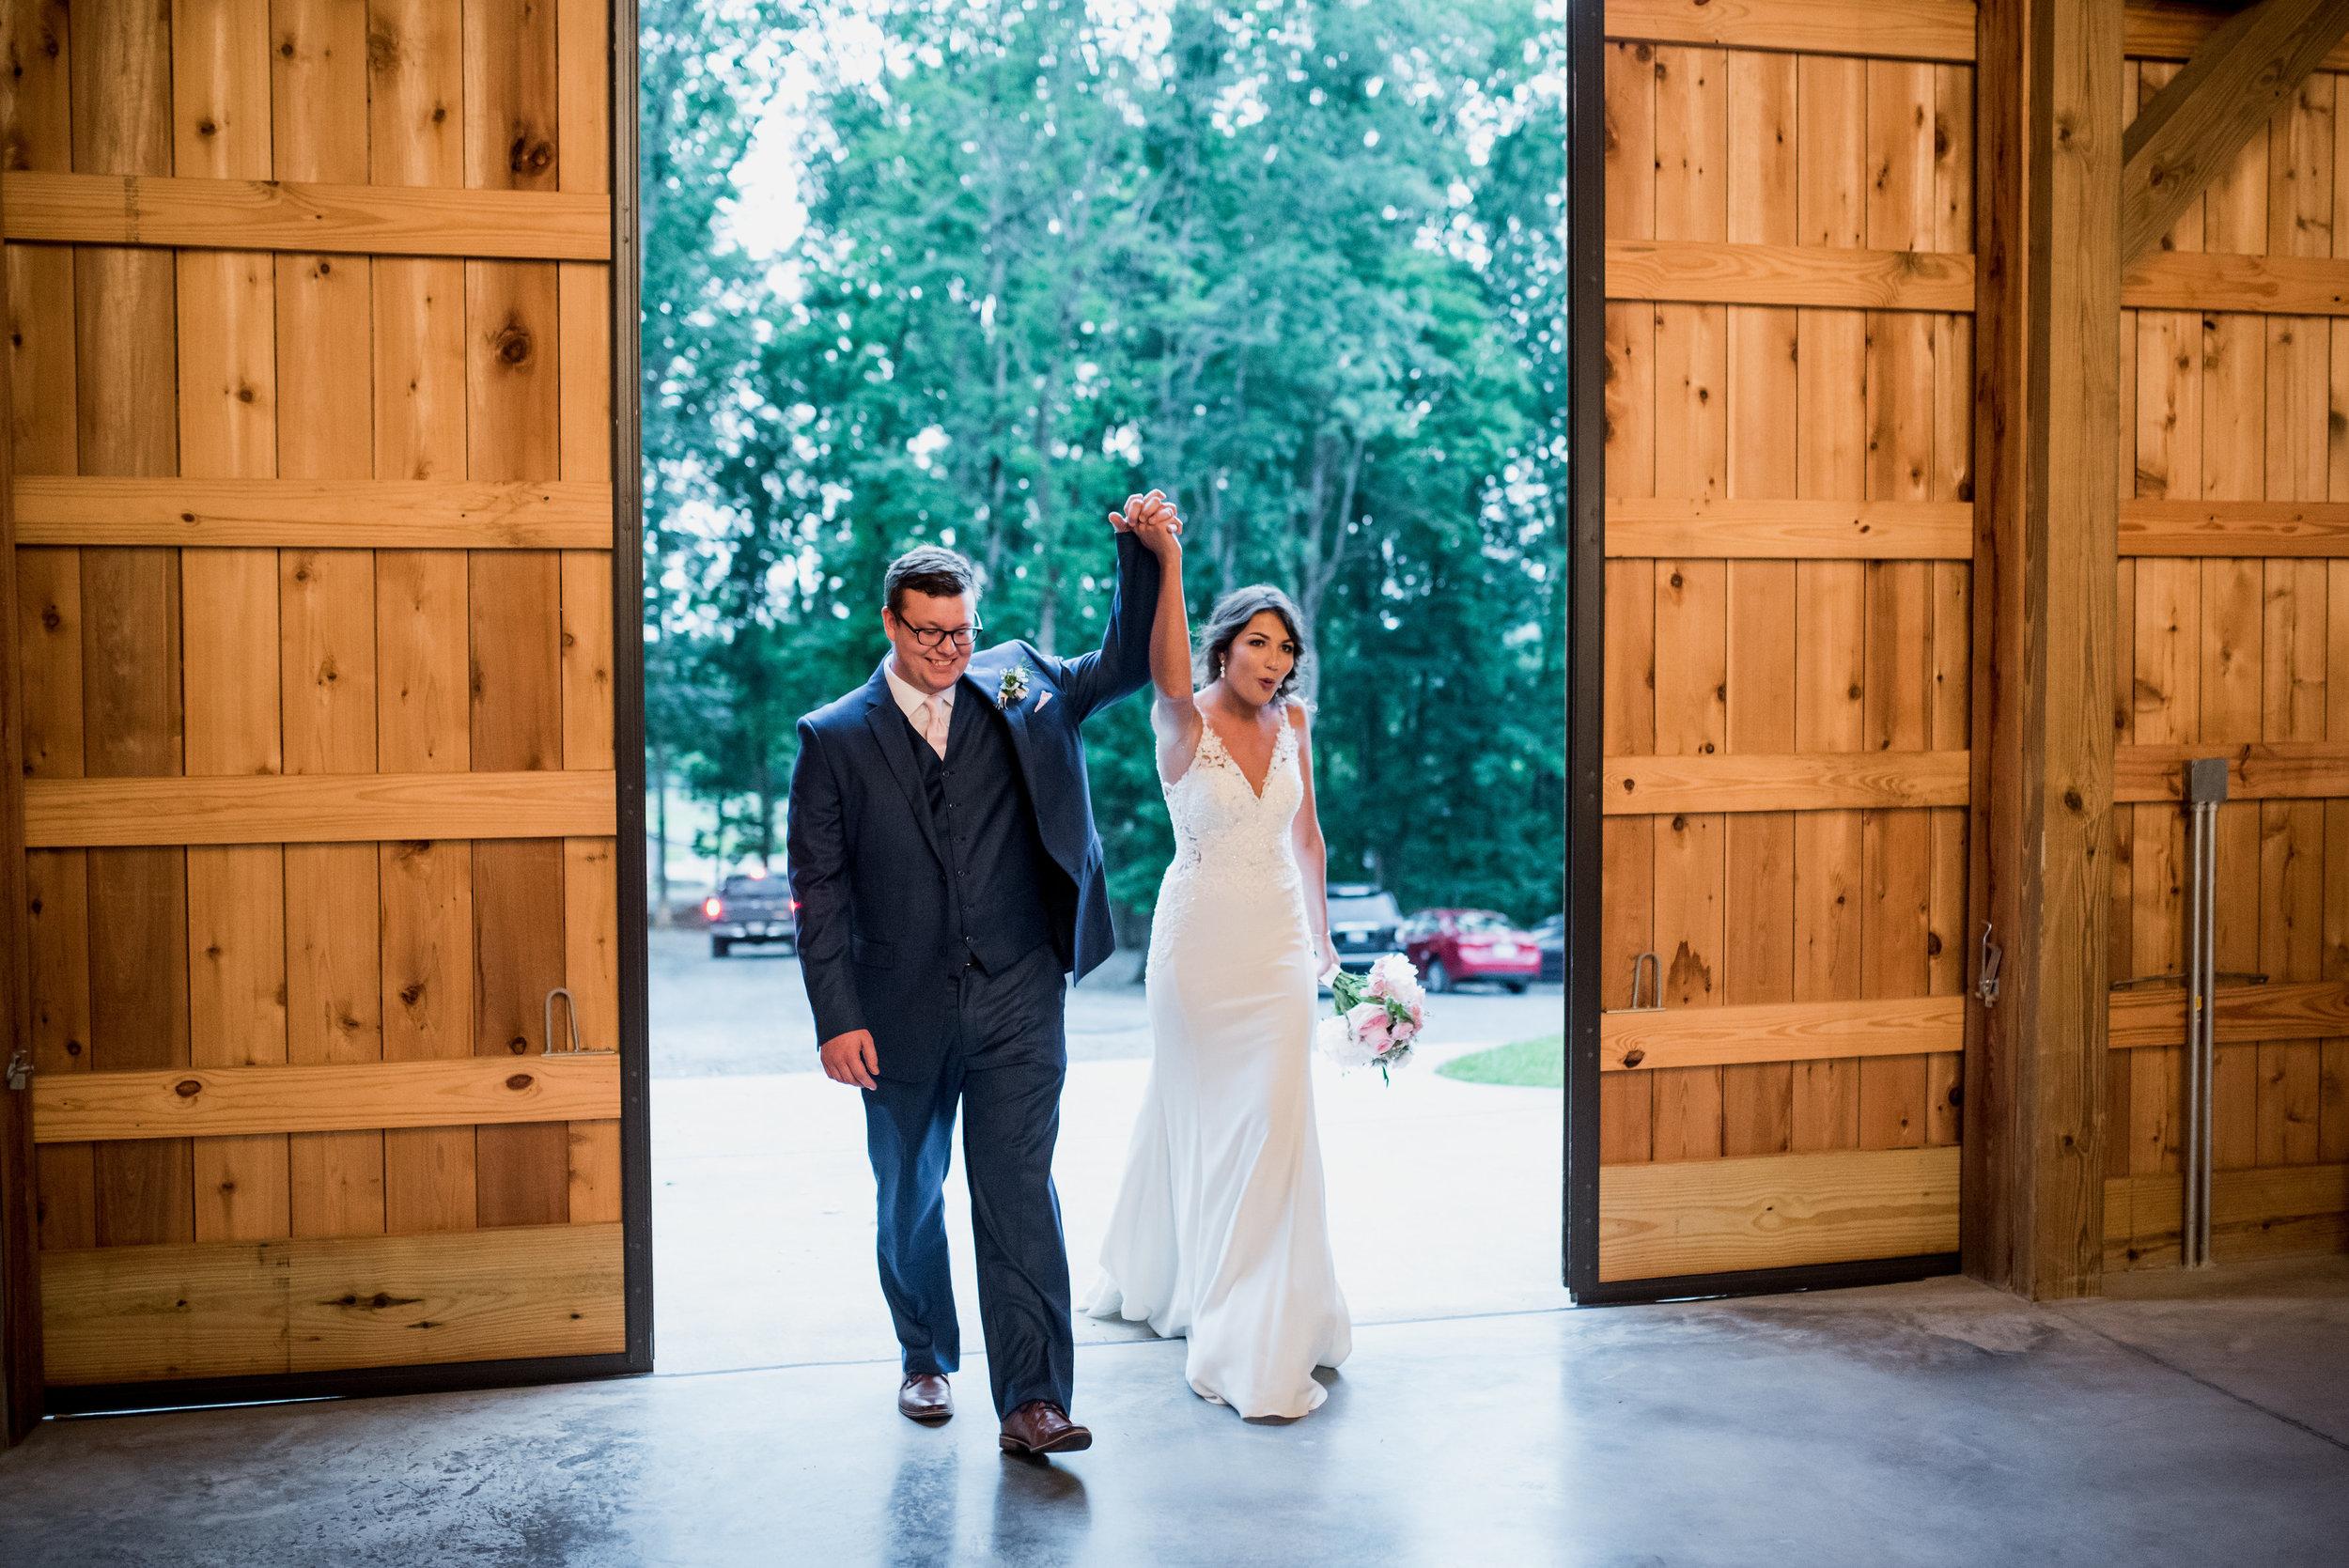 Saddlewood-Farms-Nashville-Wedding-Photographers-590.jpg